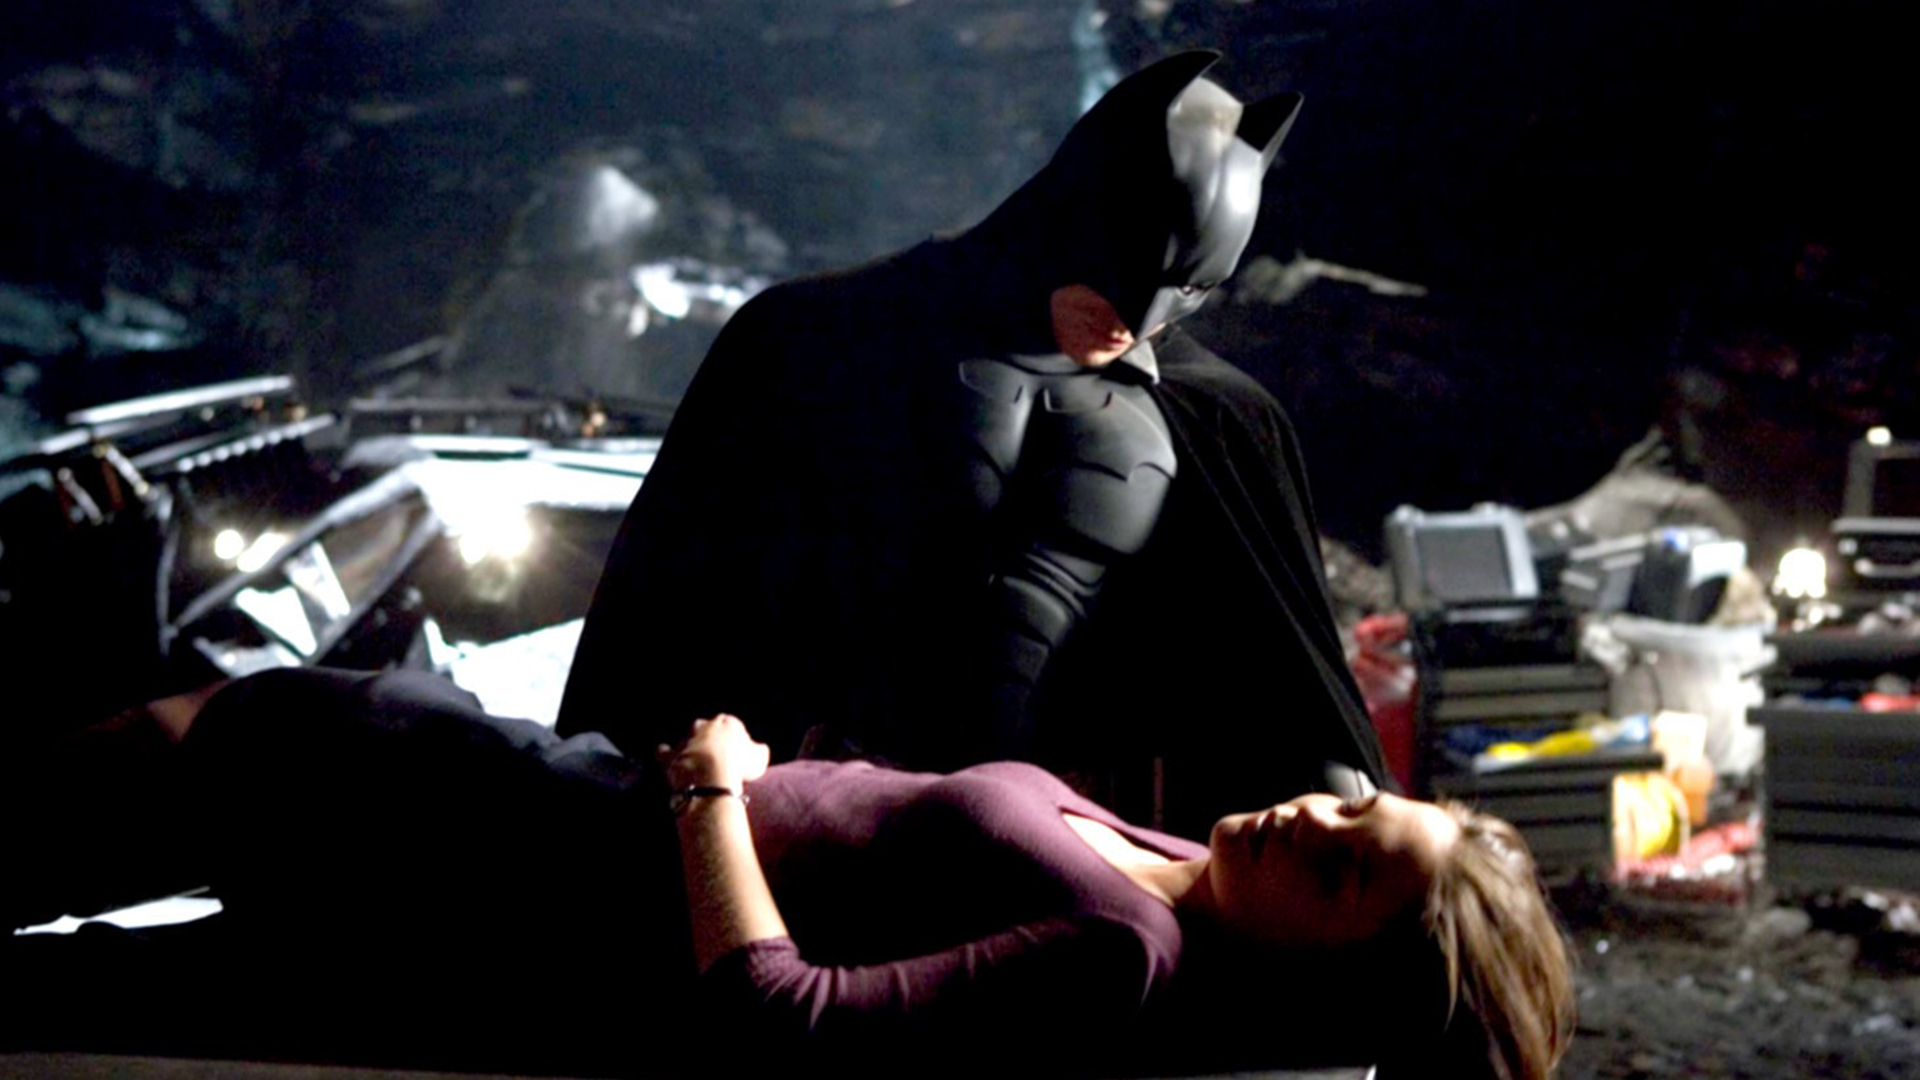 superman vs batman wallpaper cave